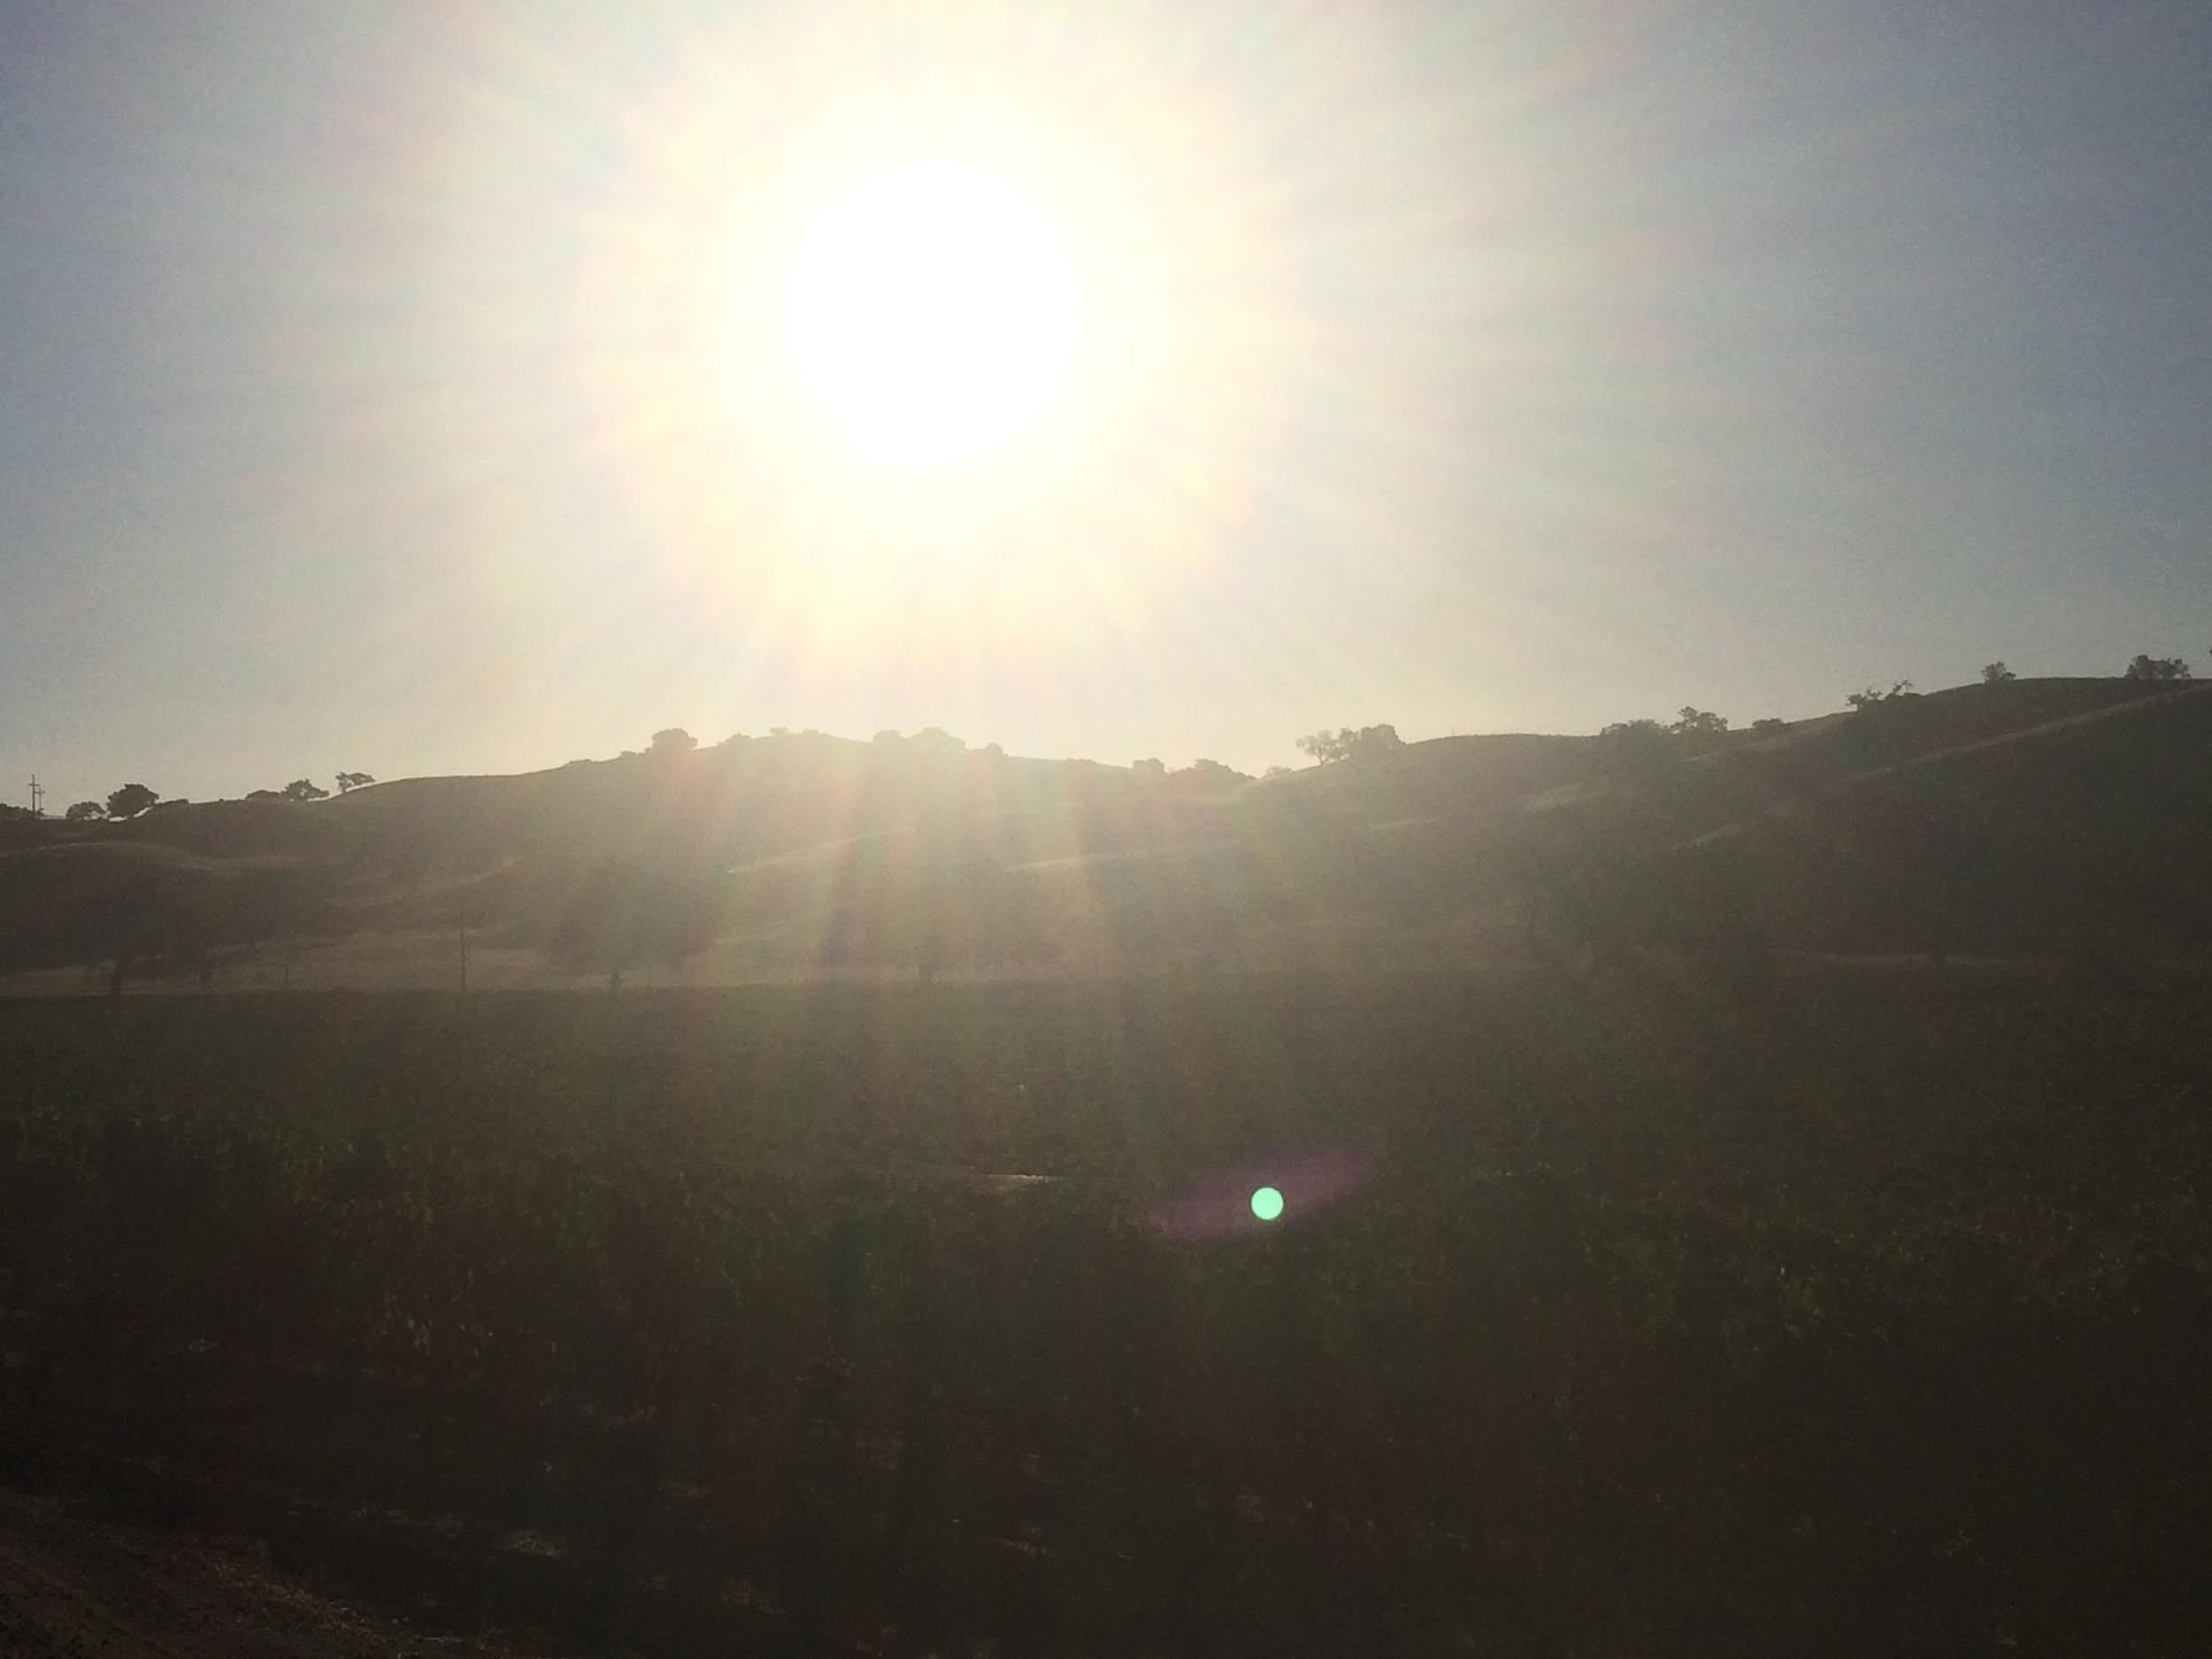 2014-09-17 07.45.29 HDR.jpg